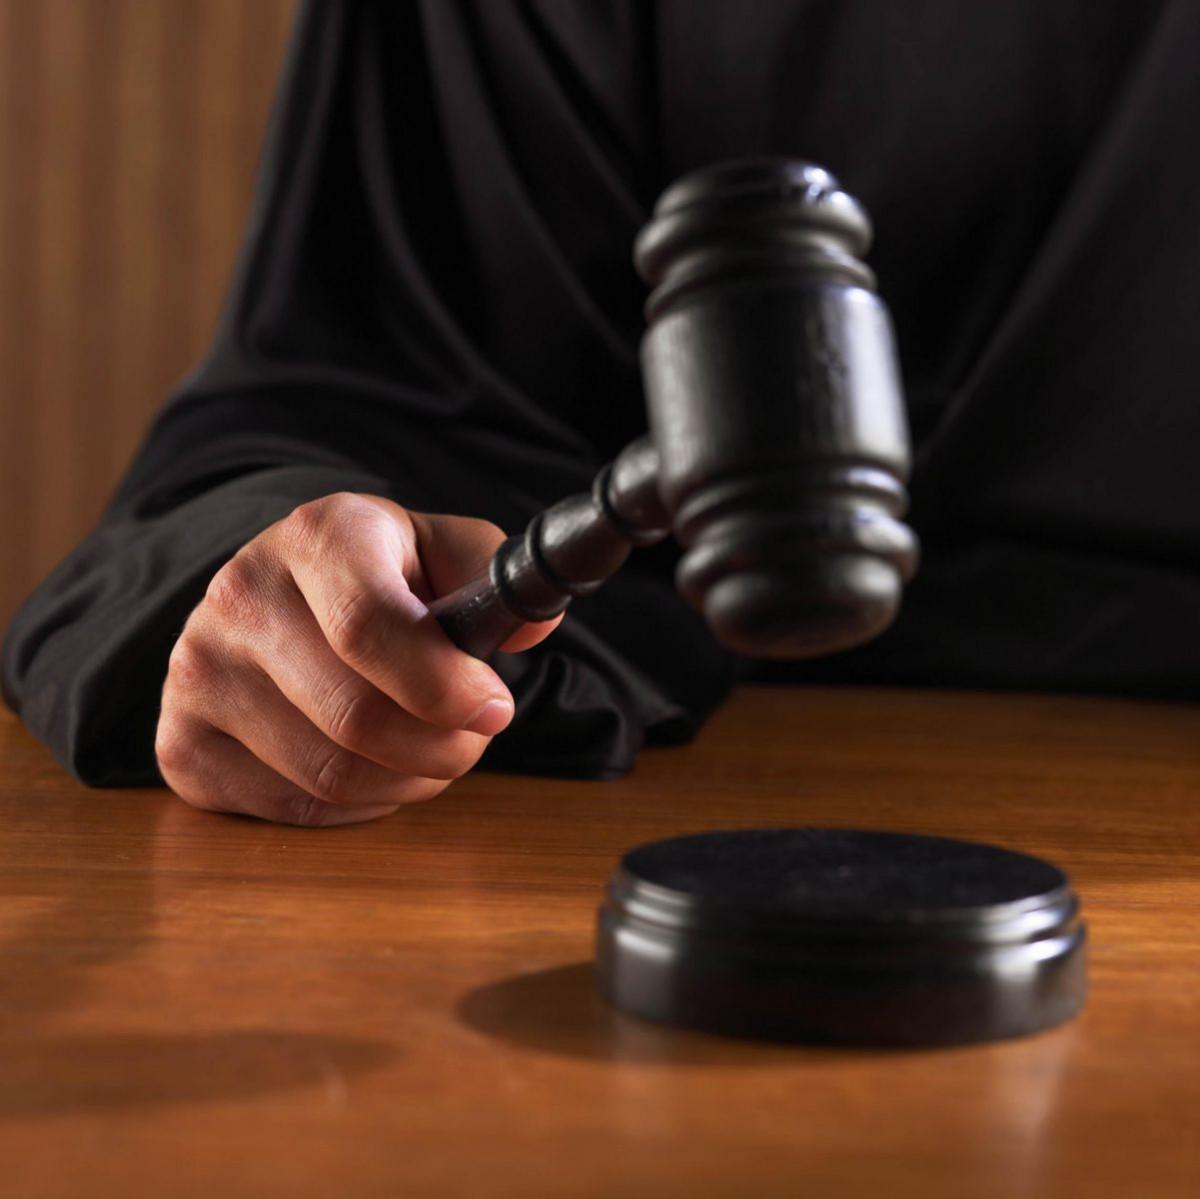 В Кузбассе чиновника осудили за взятку в значительном размере